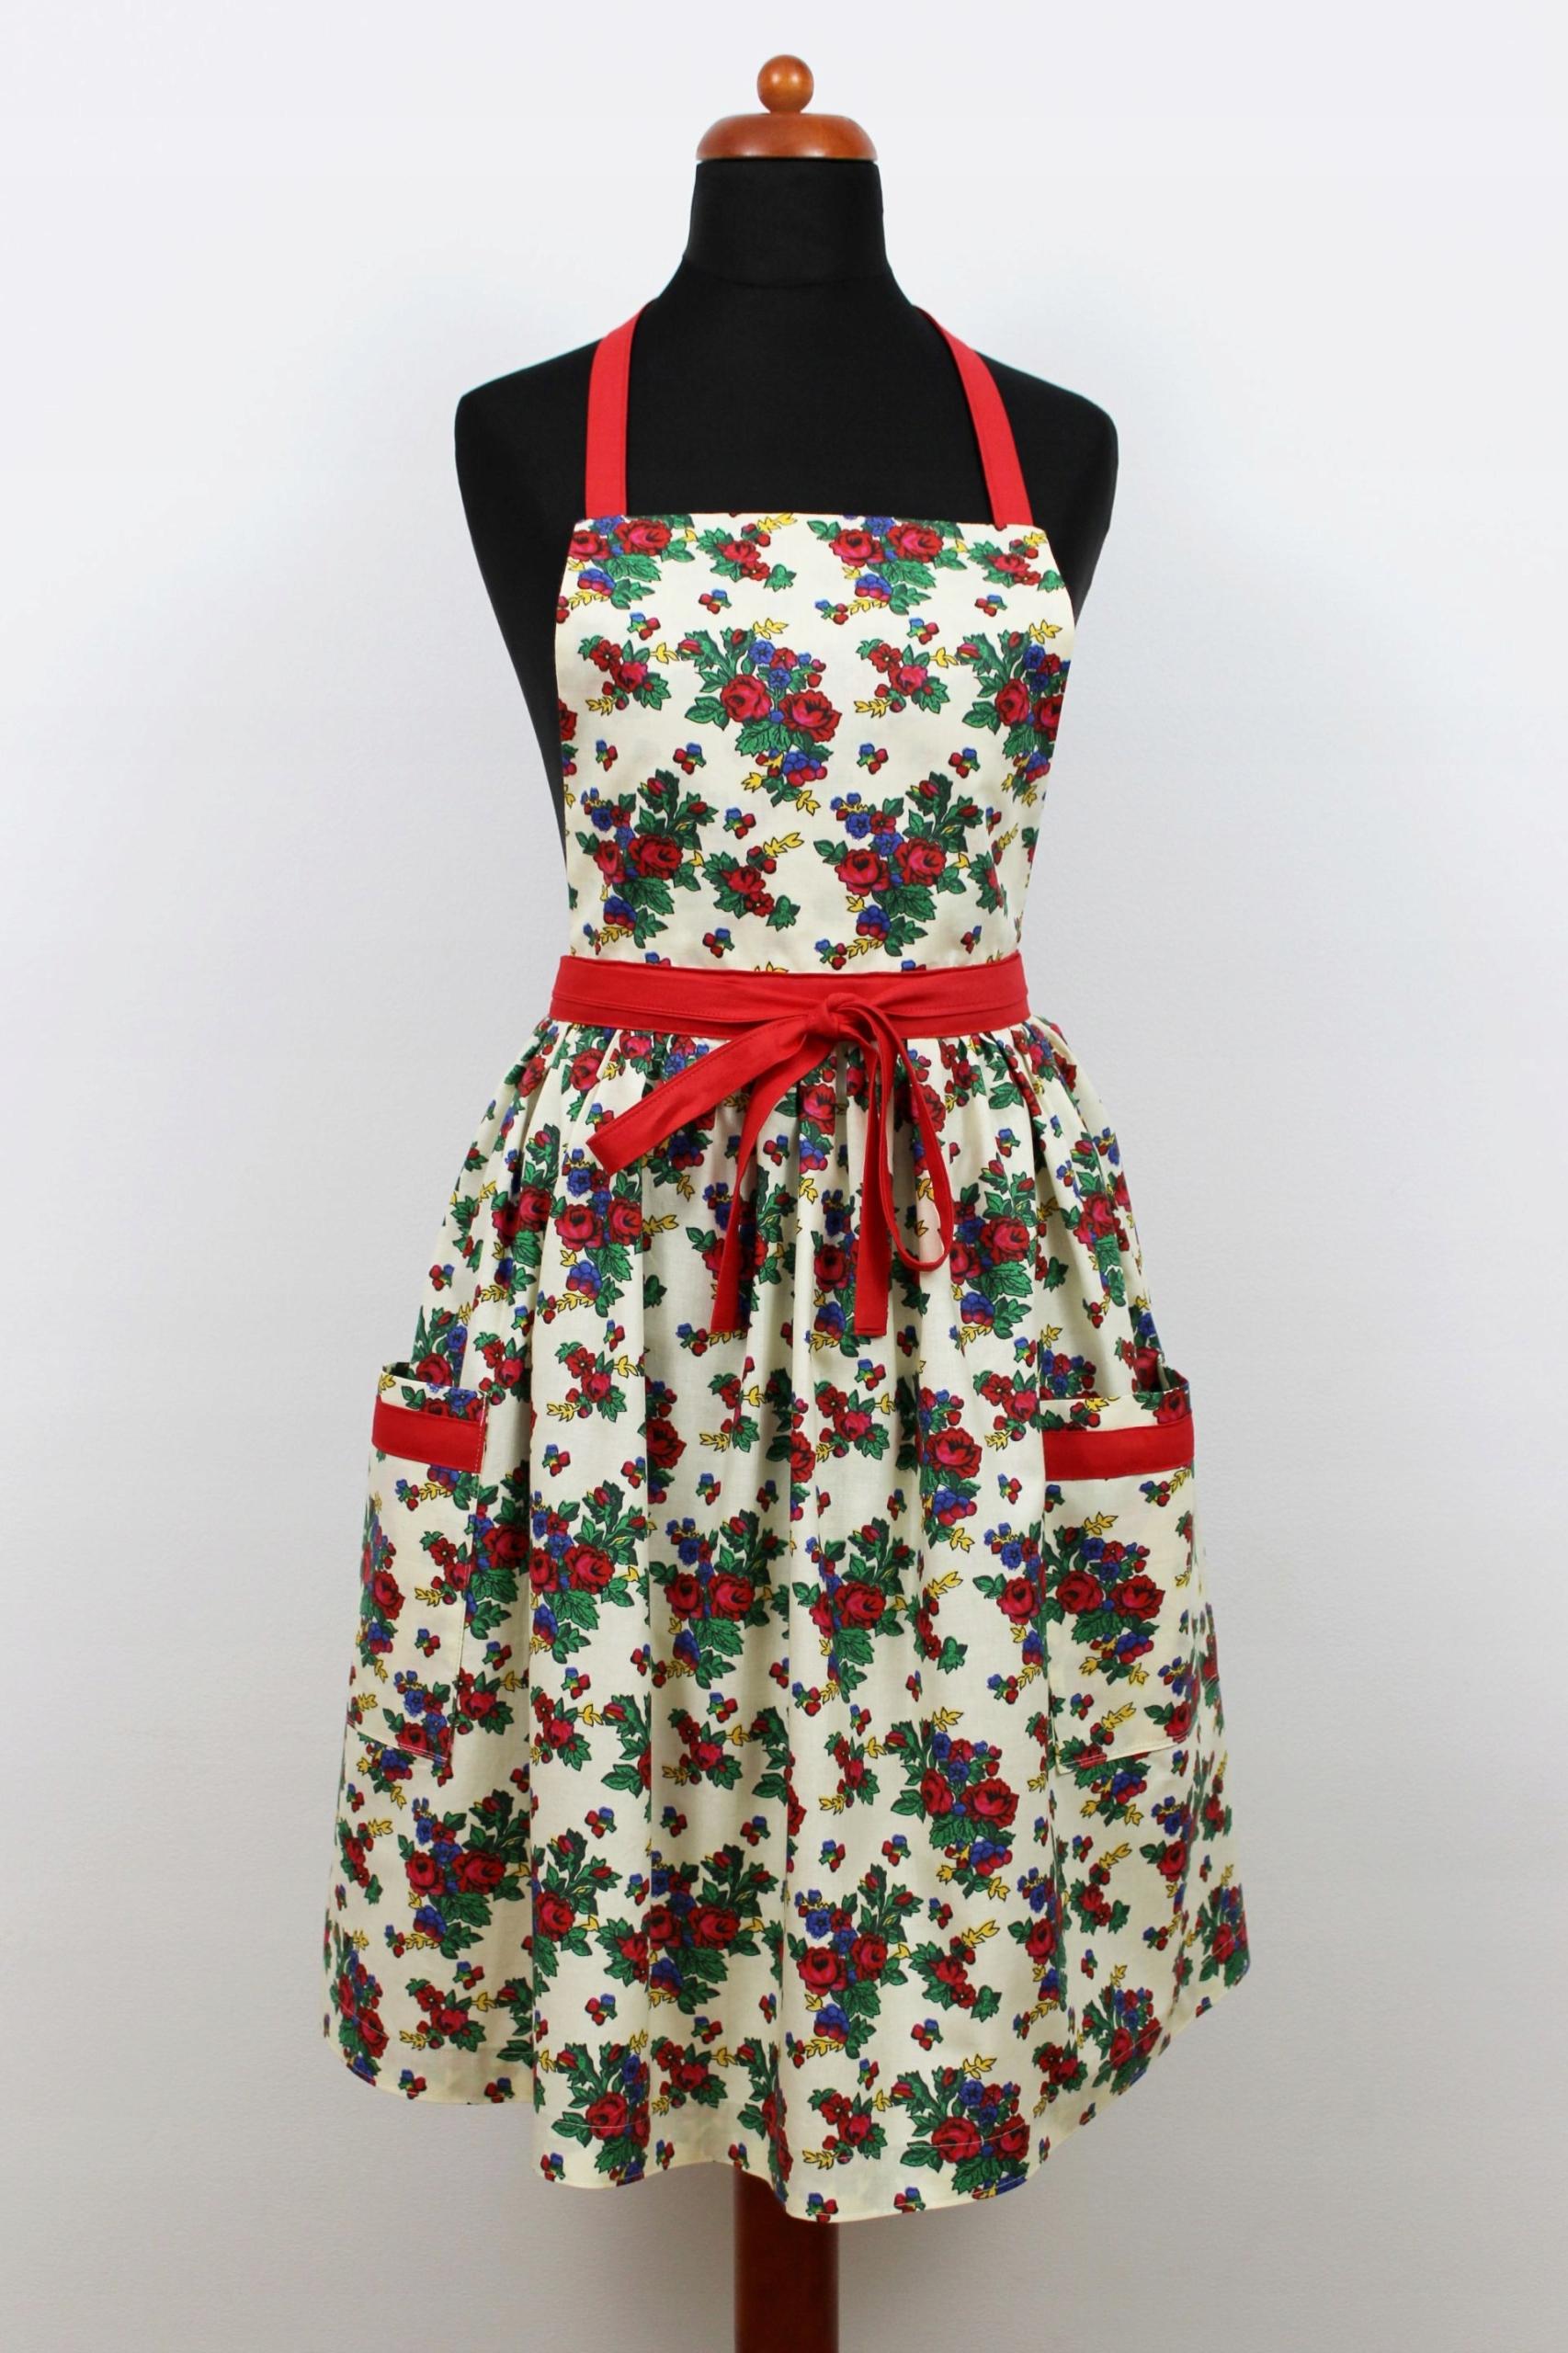 Zástera ľudovej retro šaty, kvety, vrecká